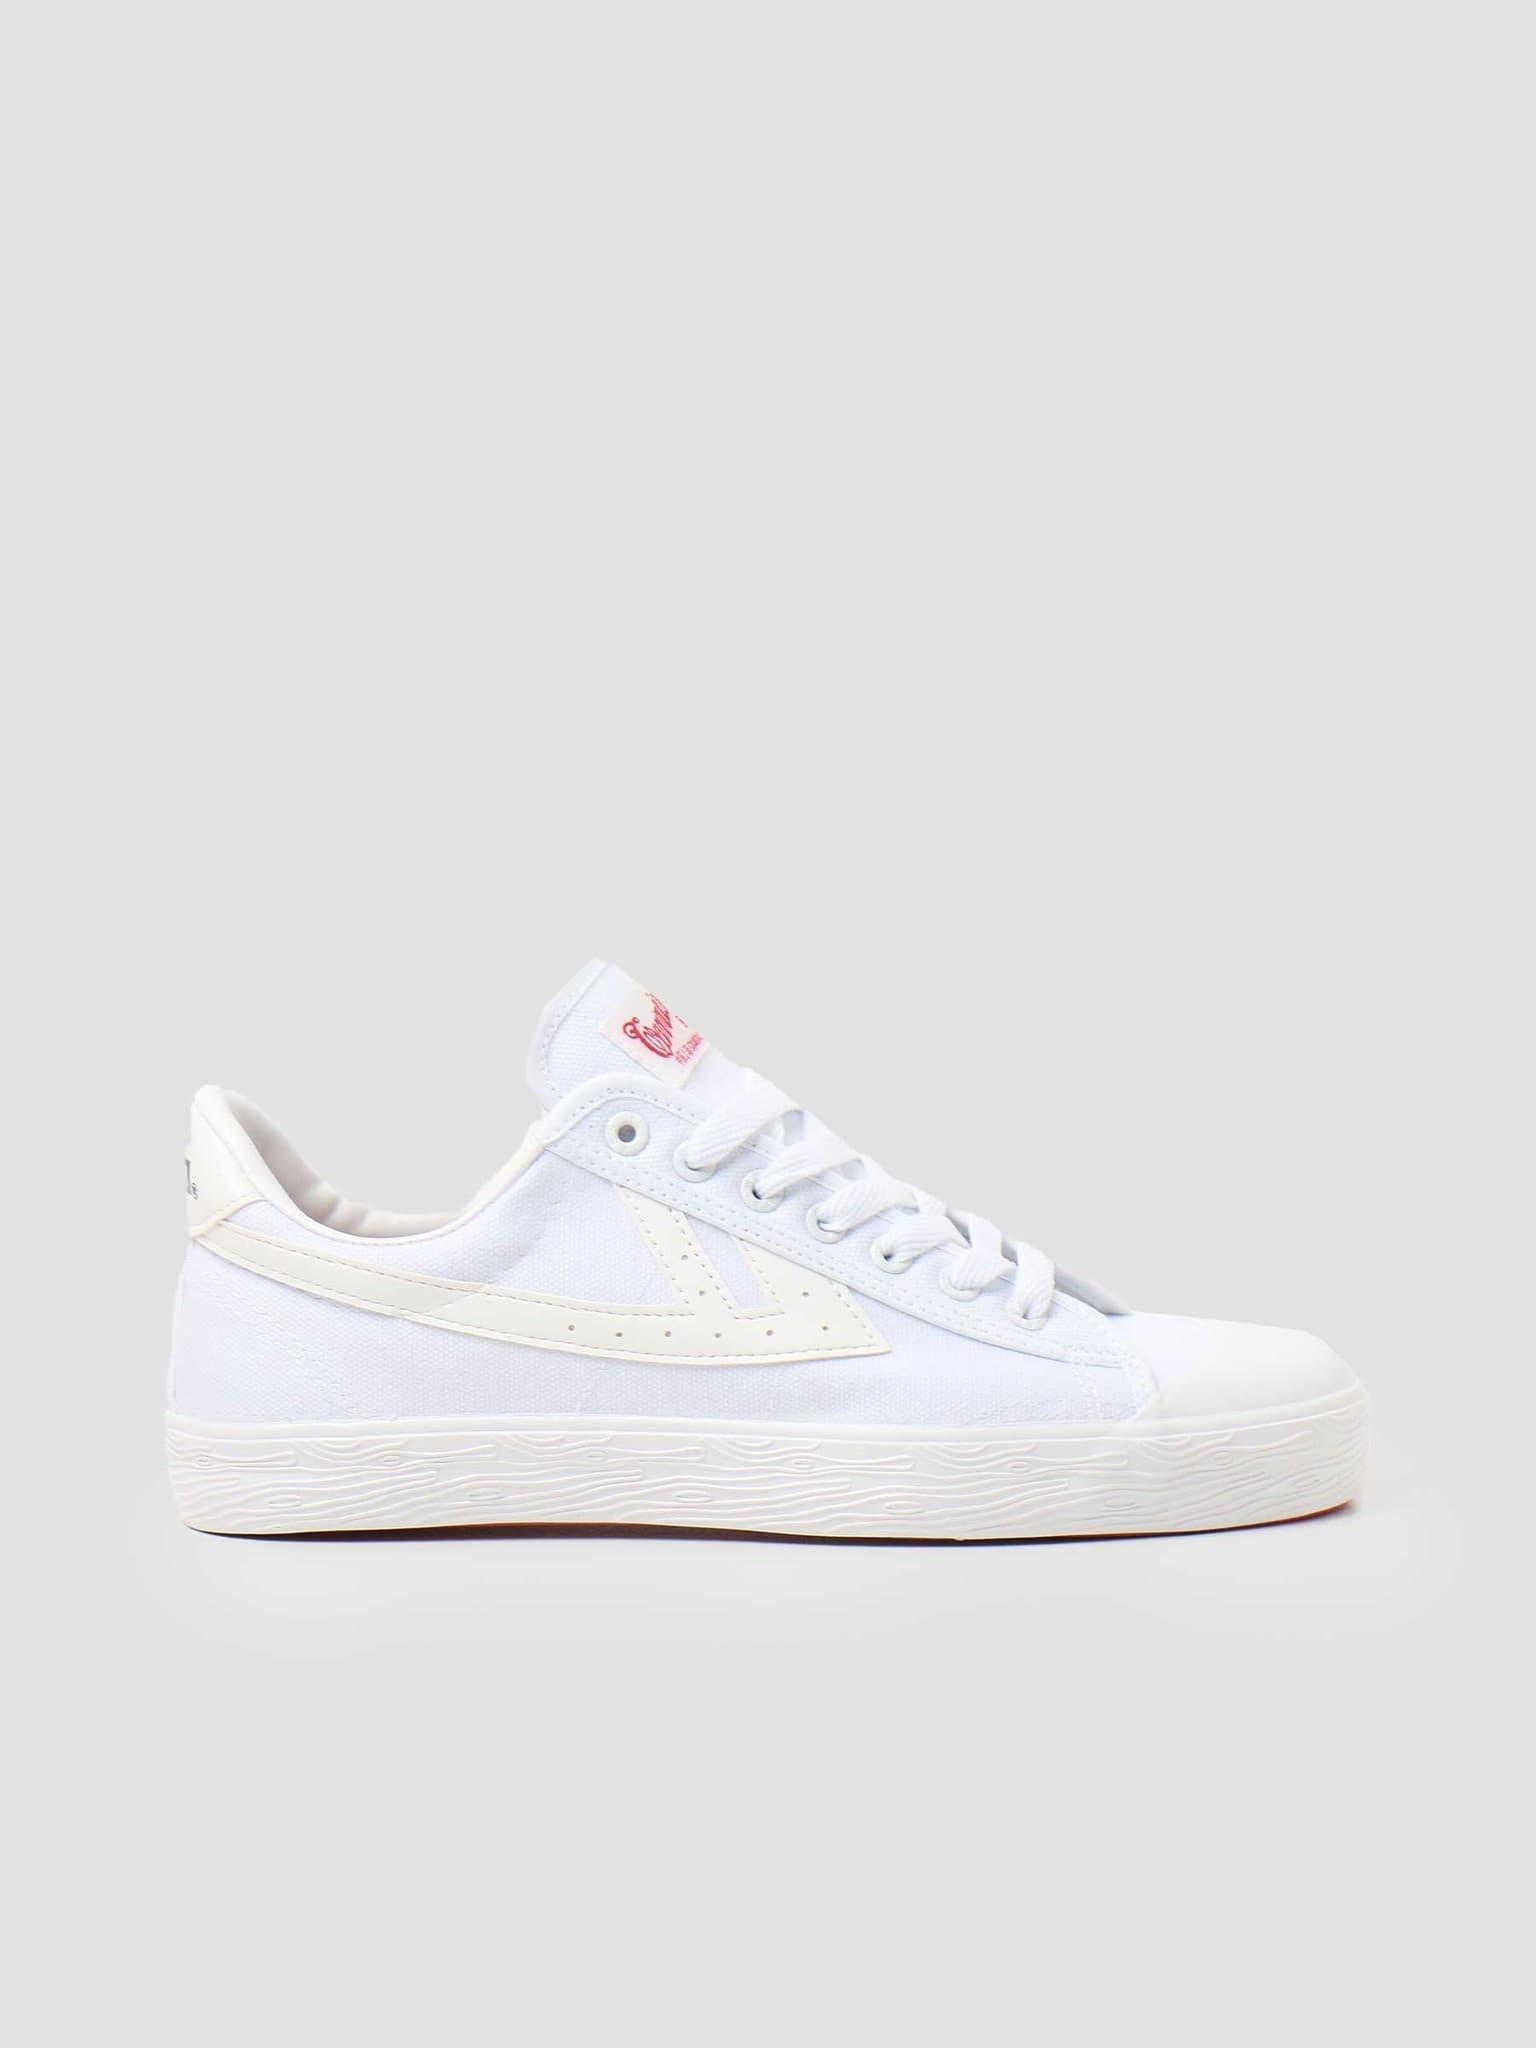 Shanghai WB 1 White